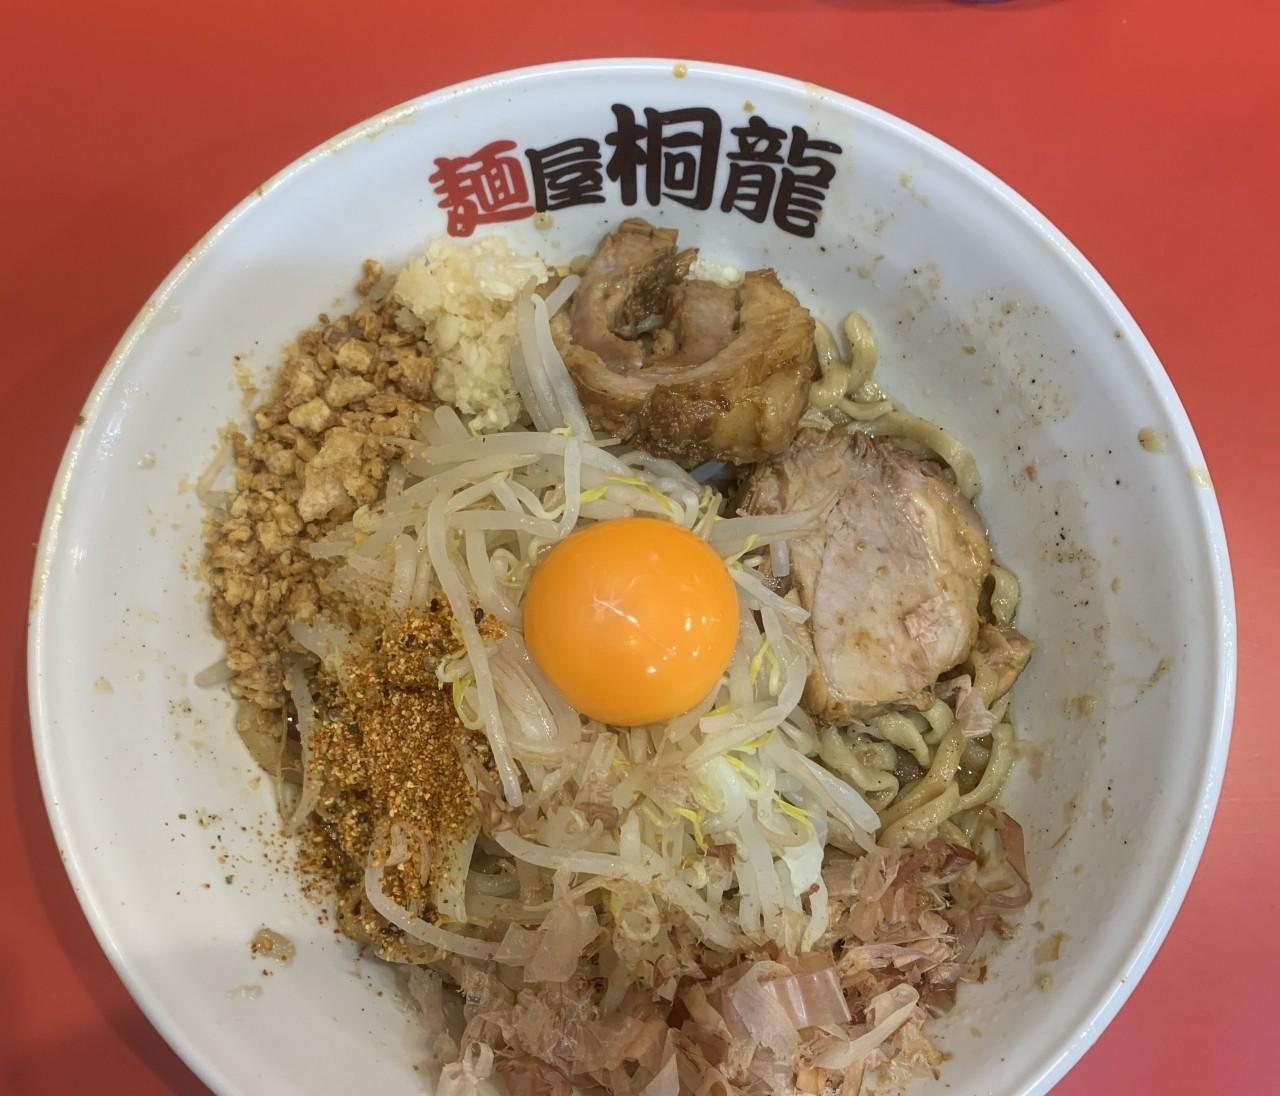 埼玉県で1番人気の二郎系ラーメン店「麵屋 桐龍」